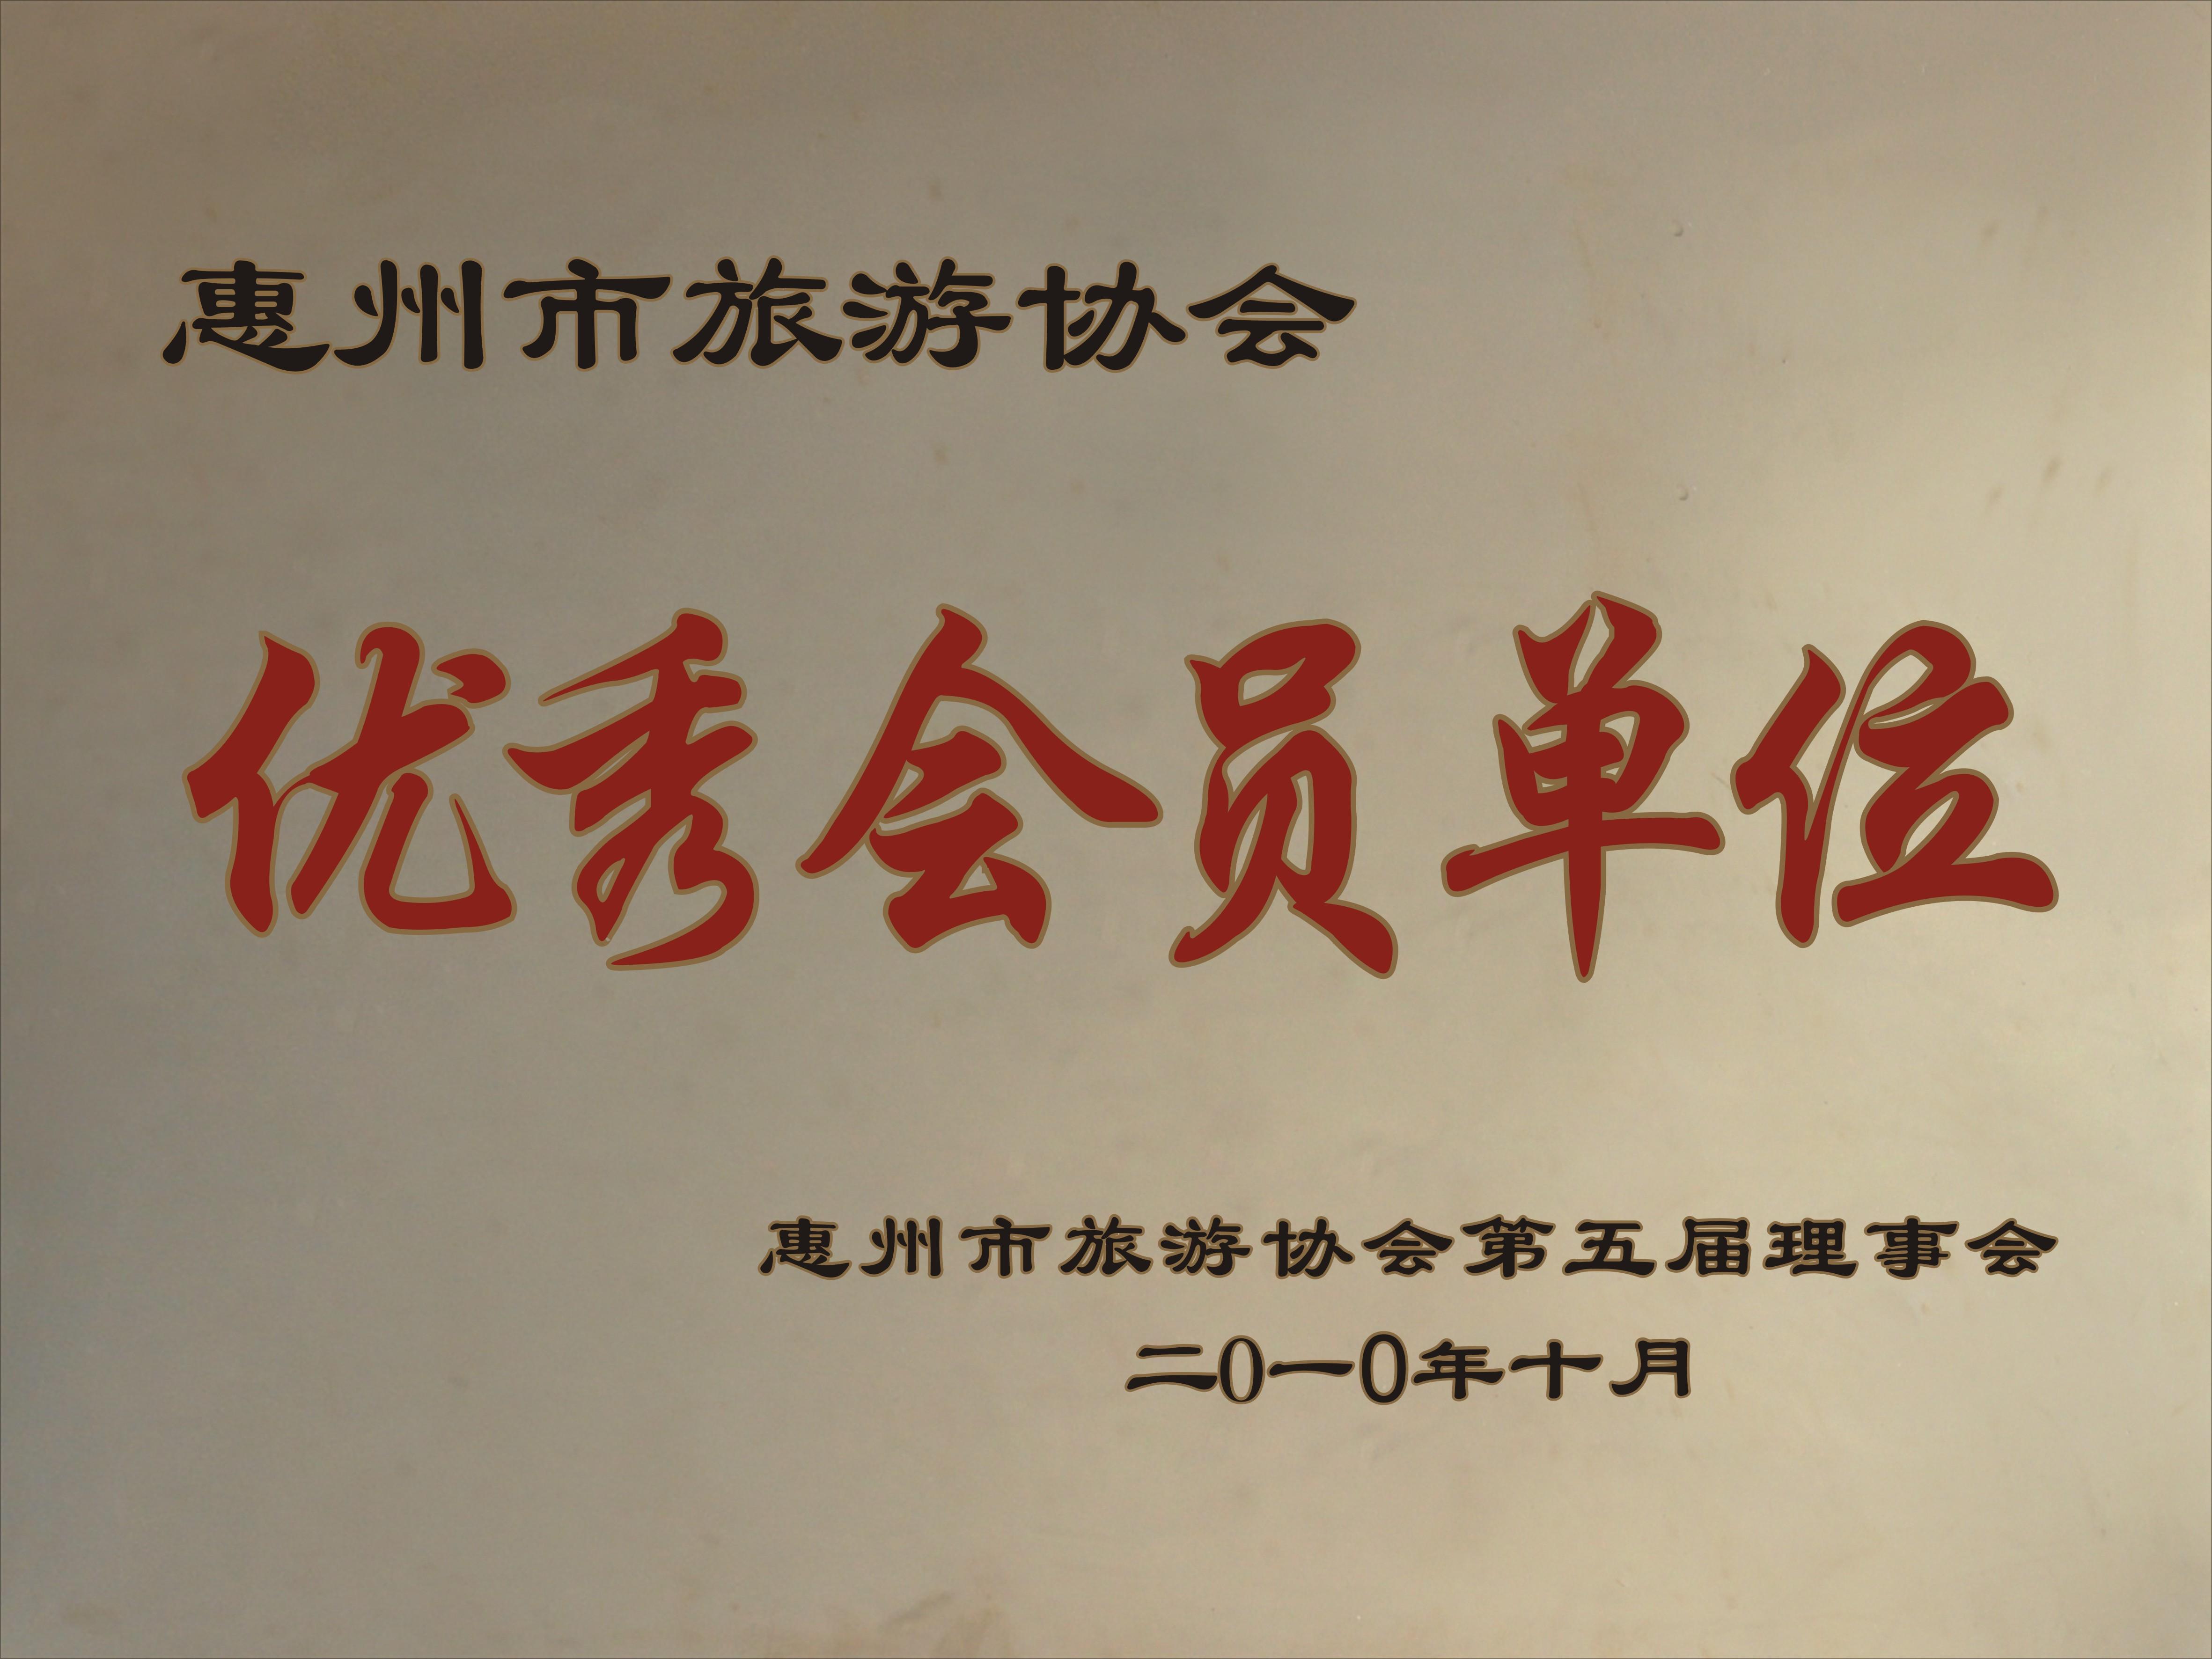 惠州市旅游協會優秀會員單位